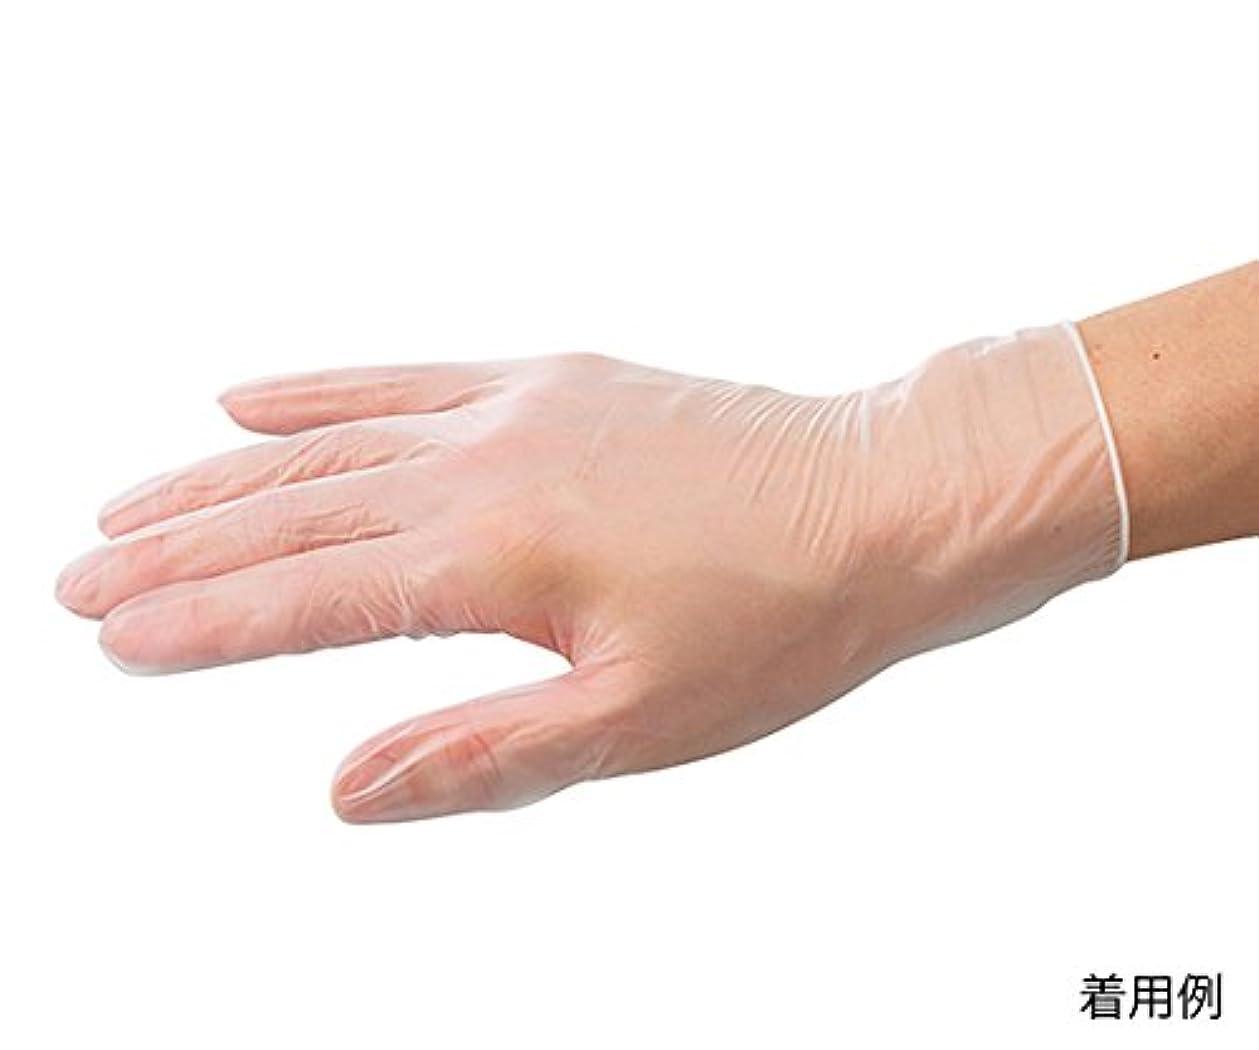 冒険保証金超音速ARメディコム?インク?アジアリミテッド7-3726-03バイタルプラスチック手袋(パウダーフリー)L150枚入